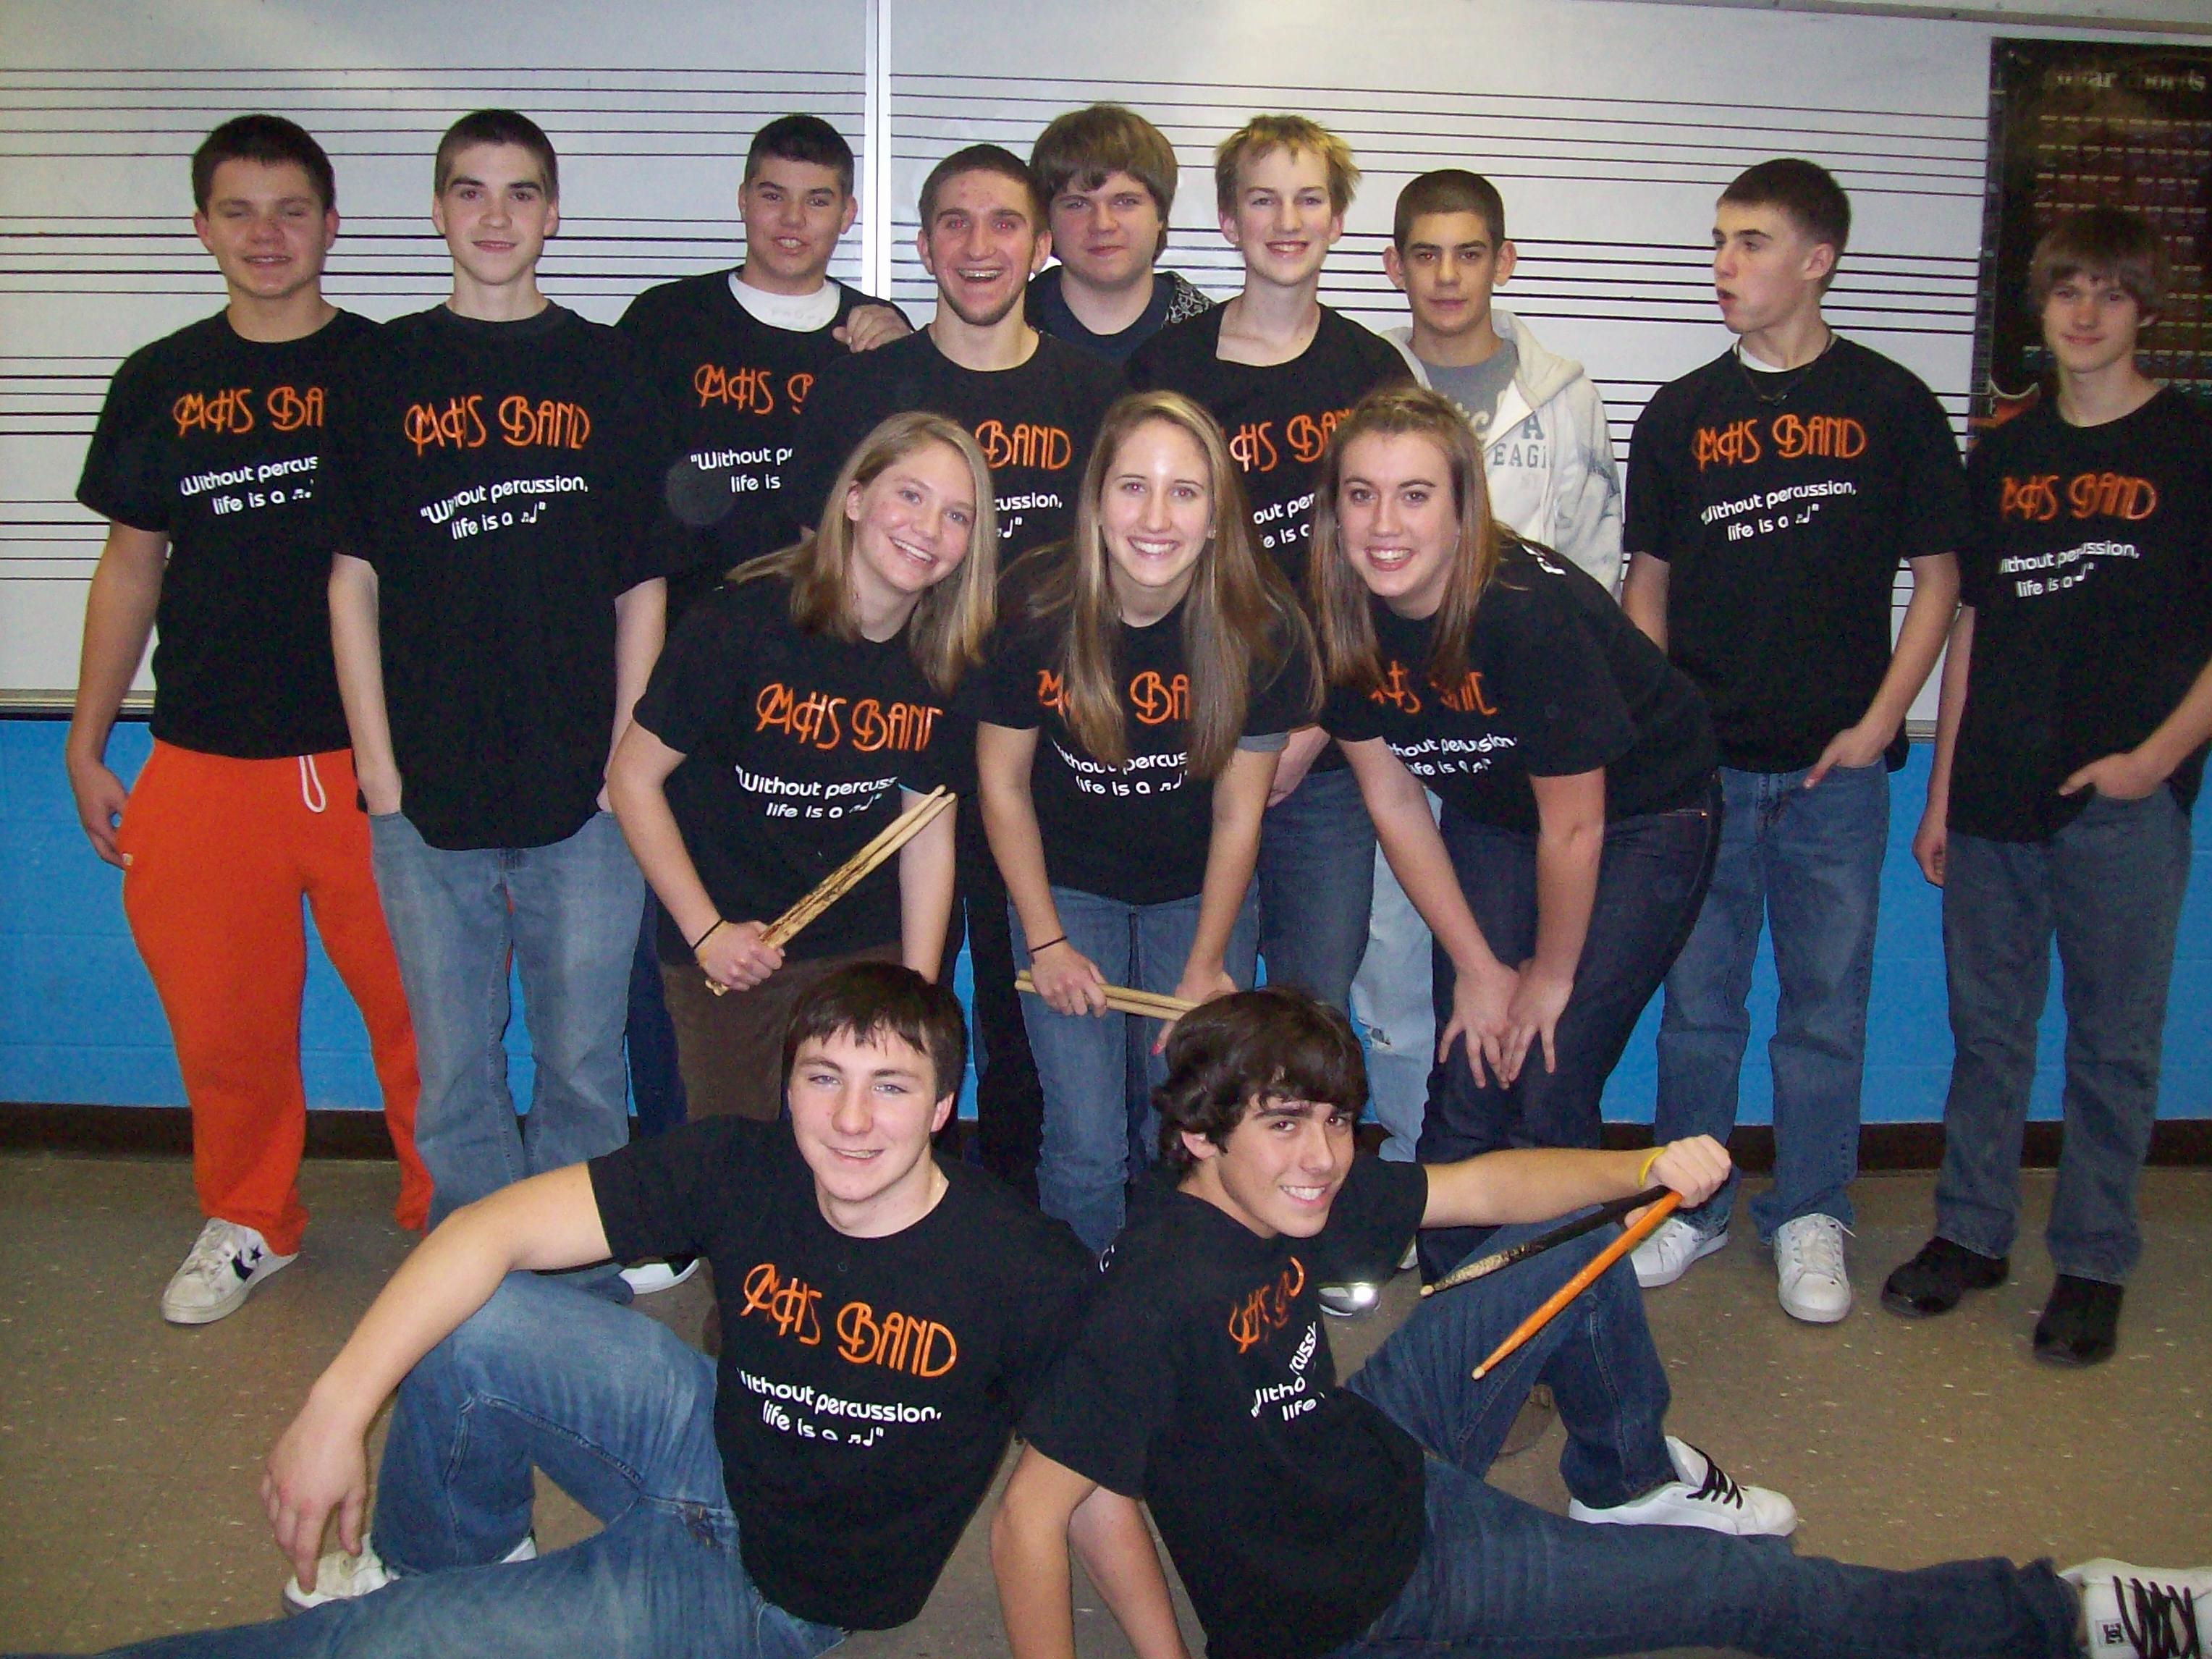 Custom t shirts for middleborugh high school band for High school band shirts